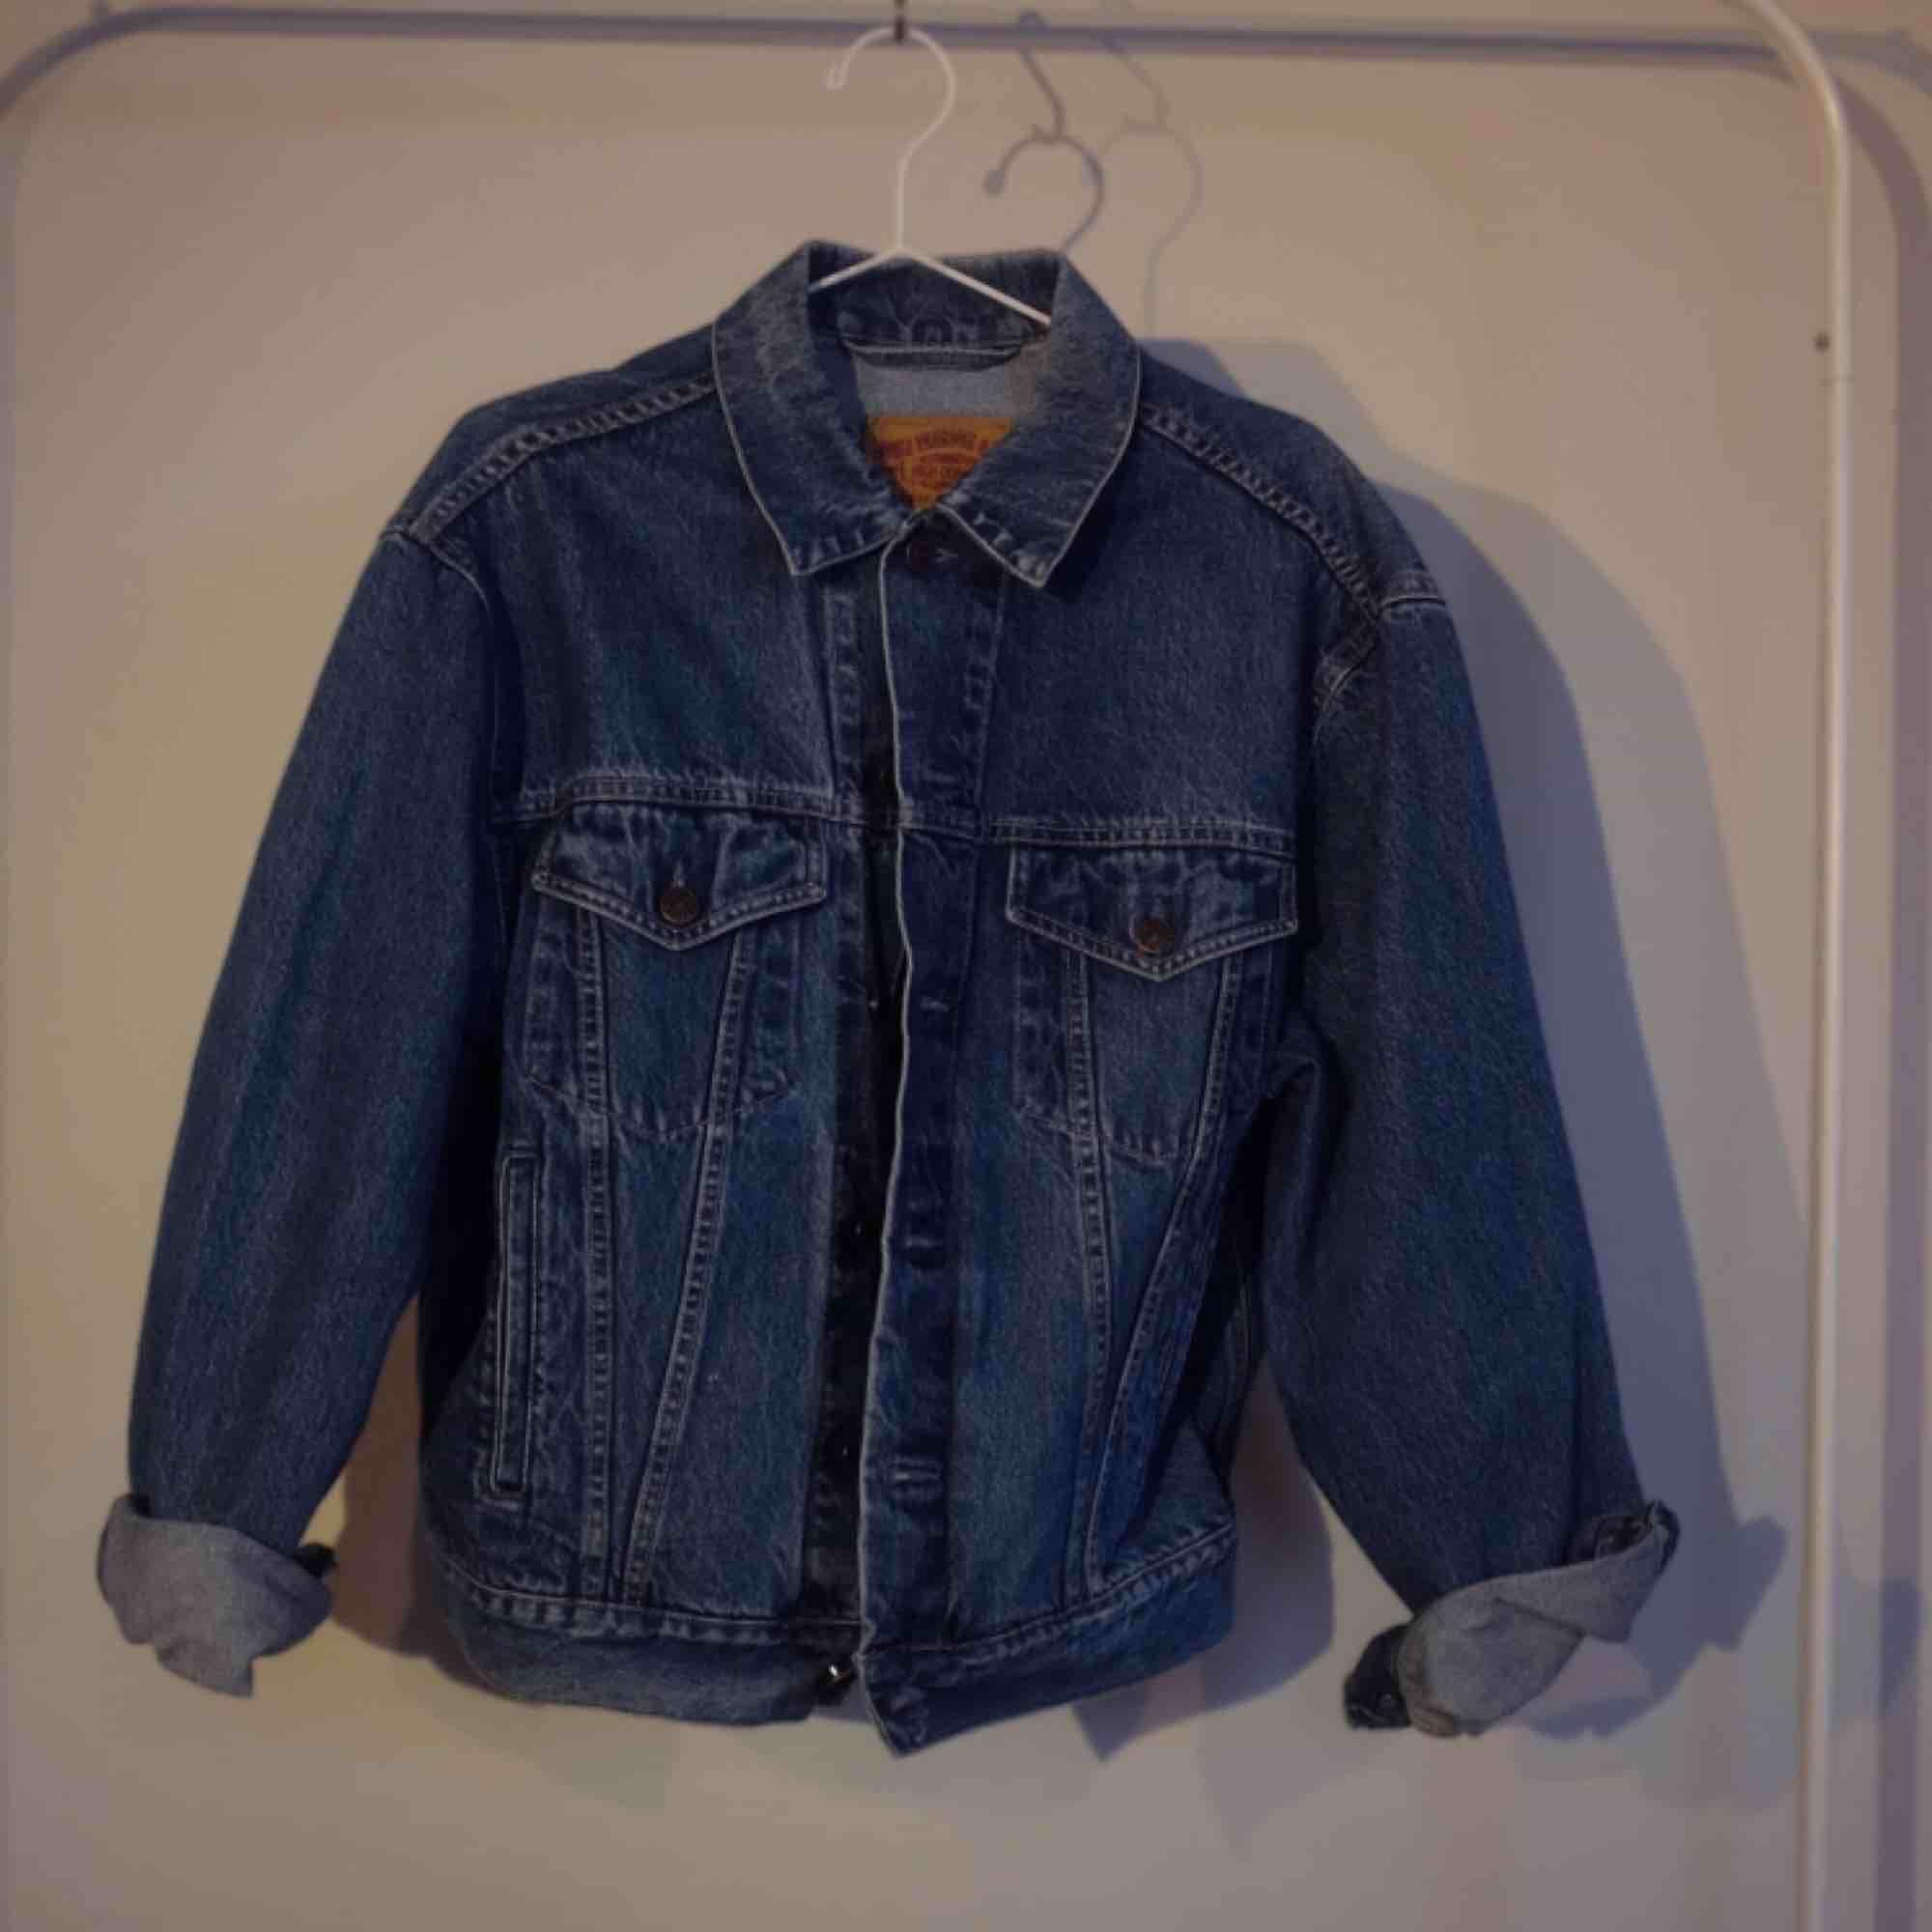 Unik vintage jeansjacka med handmålad design. Den går att tvätta i tvätt maskinen. Storleken är M/L men tjejen på bilden har XS så den passar de flesta kroppar. Jackor.